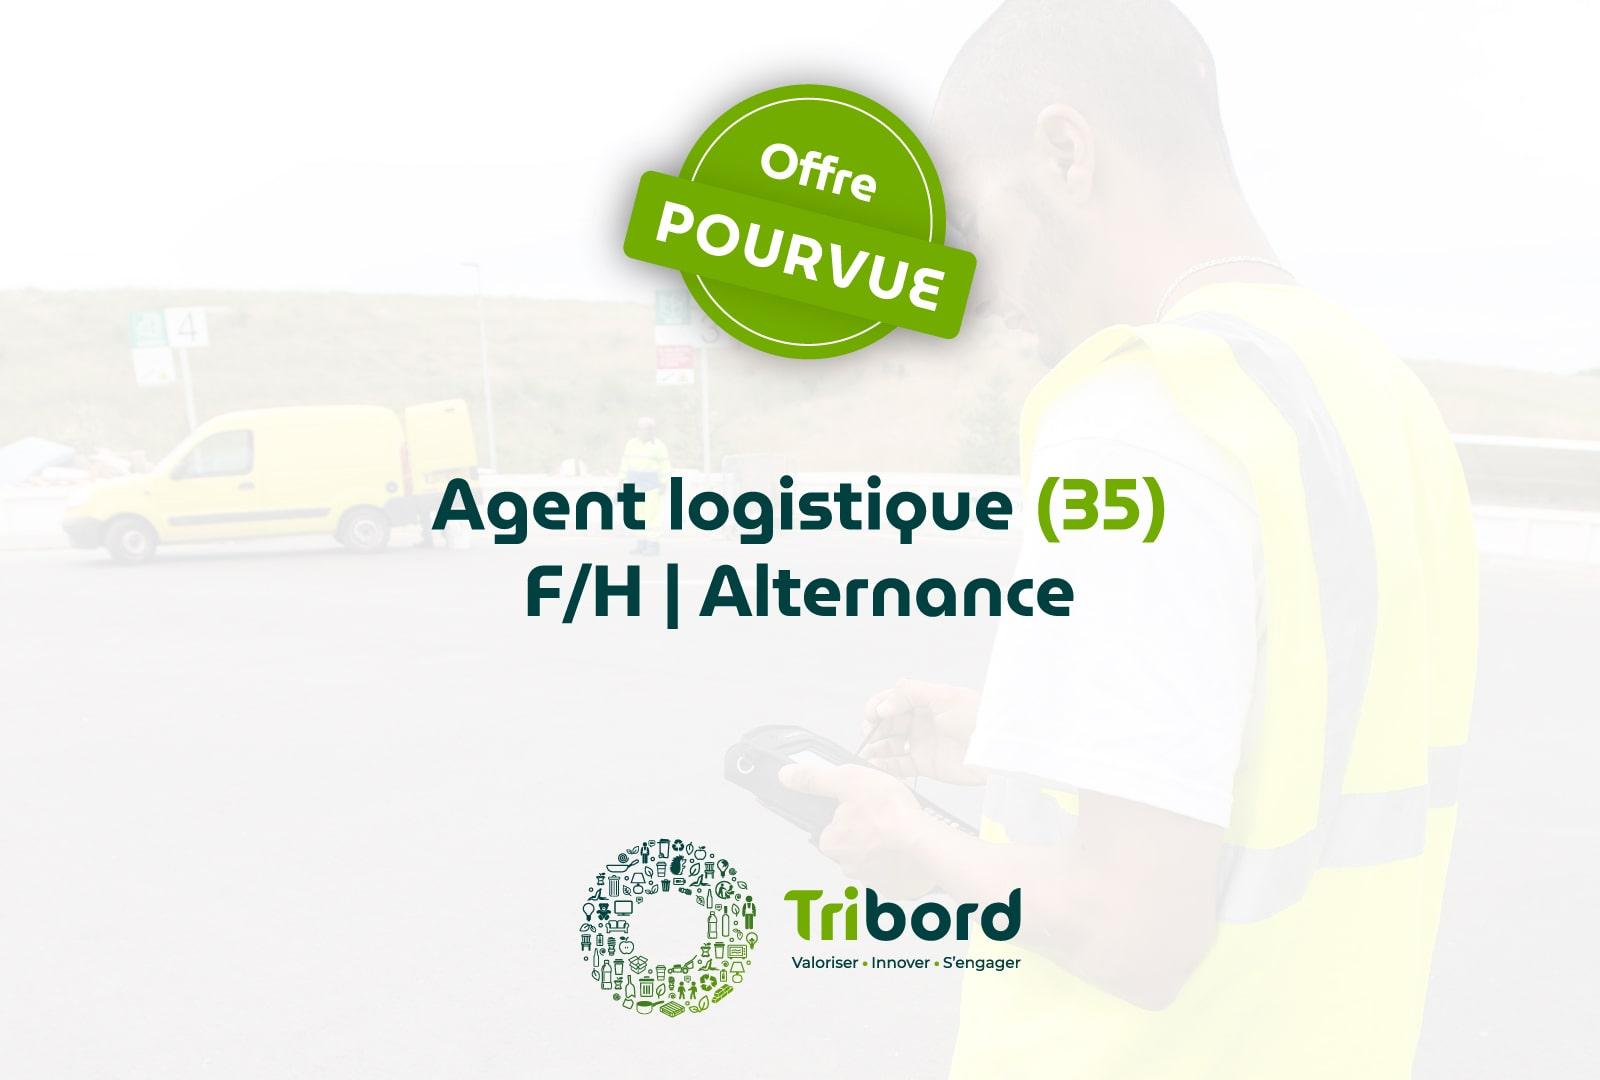 Offre Assistant logistique (35) En alternance pourvue